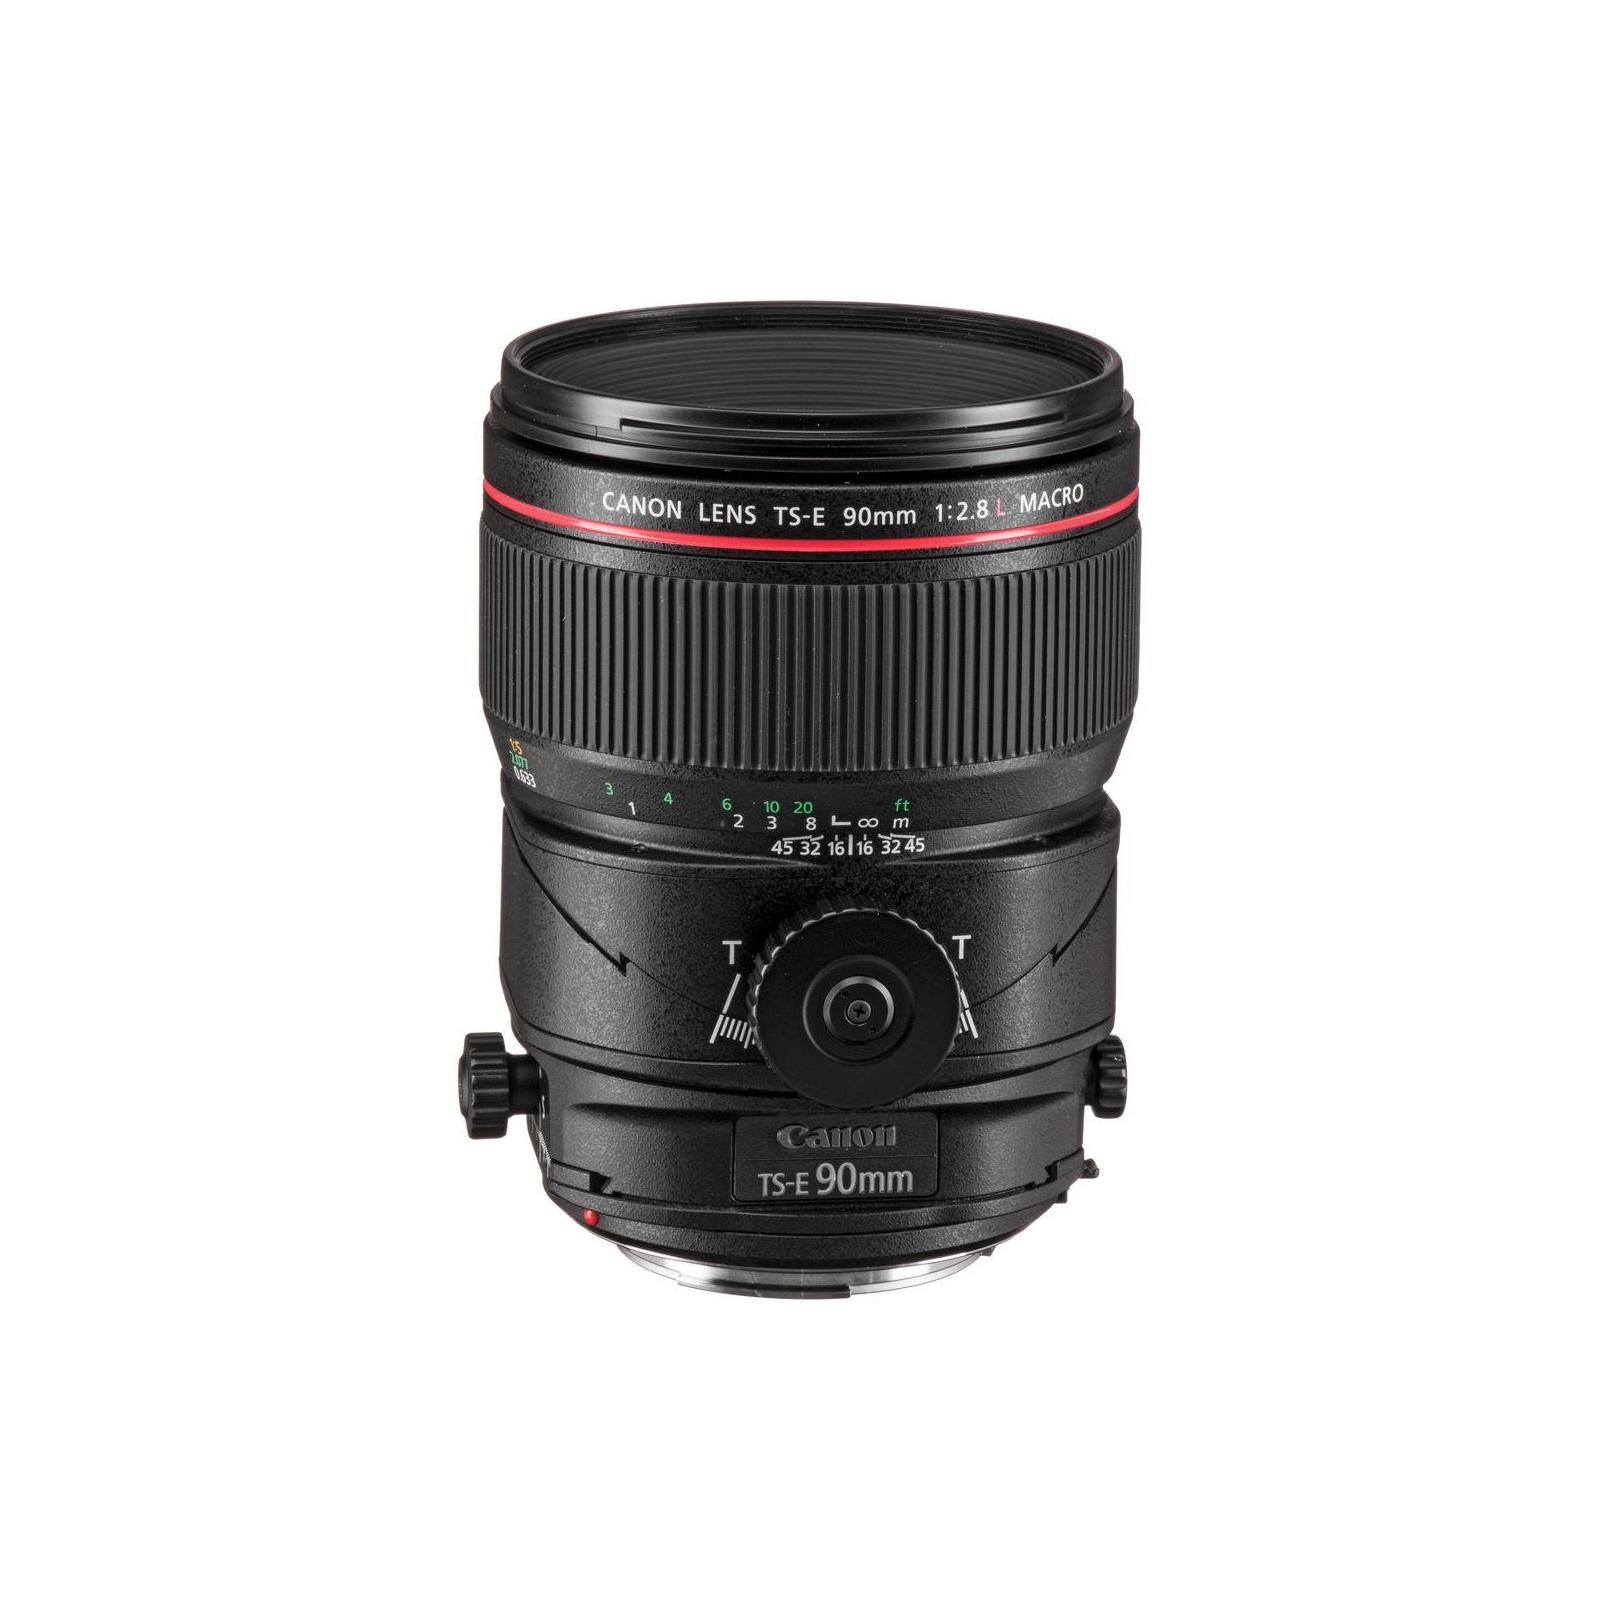 Объектив Canon TS-E 90mm f/2.8 L Macro (2274C005) изображение 7